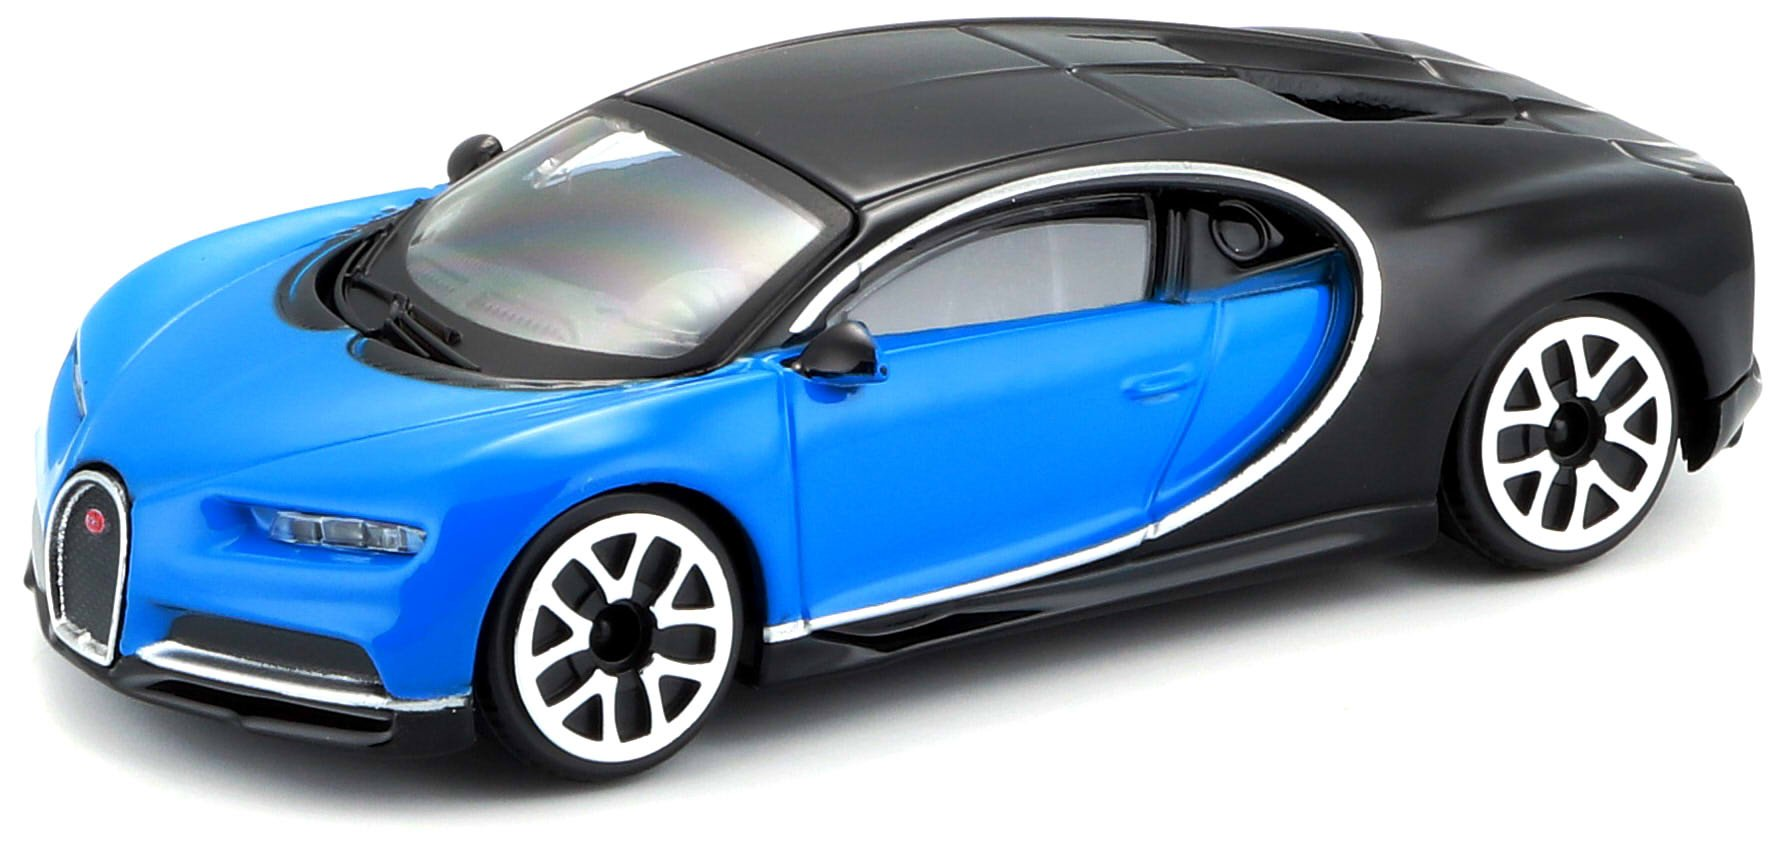 Bburago 18-30348 1:43 Bugatti CHIRON, Multi-Coloured